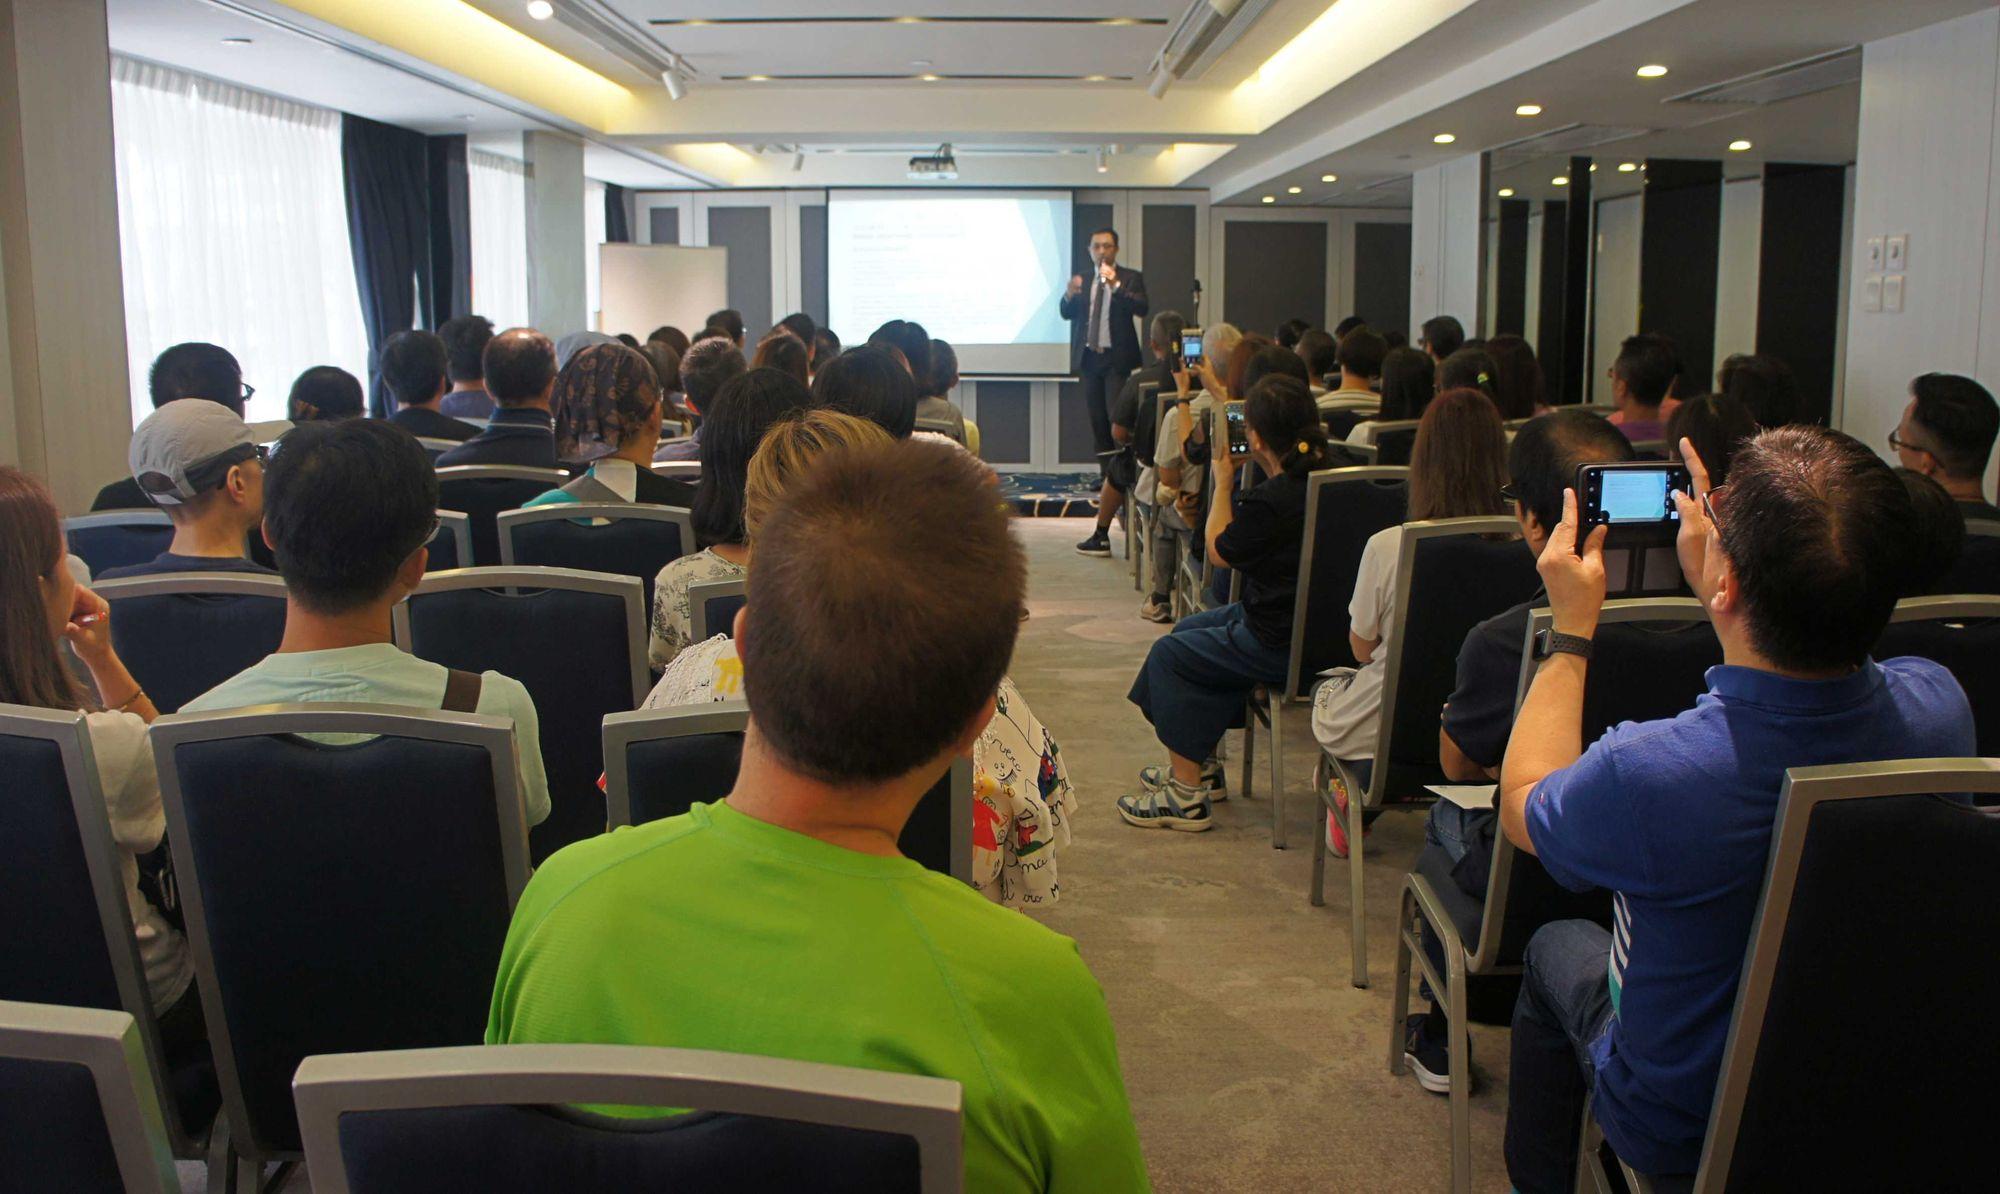 圖為貝爾國際顧問公司於香港舉辦移民臺灣講座現場實況。(照片來源:貝爾國際顧問公司提供)